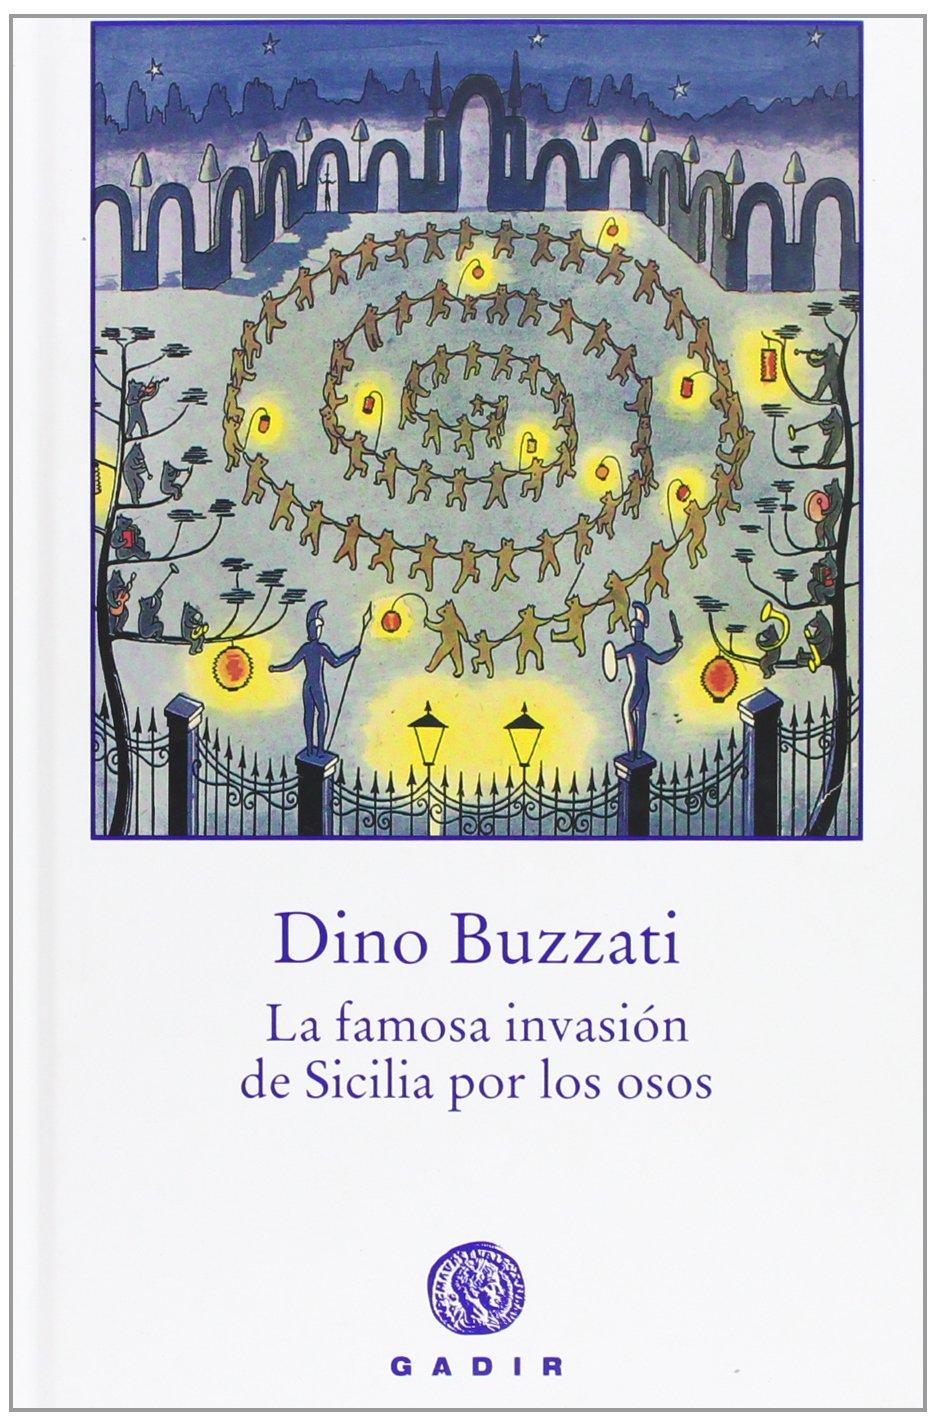 La famosa invasion de Sicilia por los osos / The famous invasion of Sicily  by bears : Buzzati, Dino: Amazon.com.mx: Libros